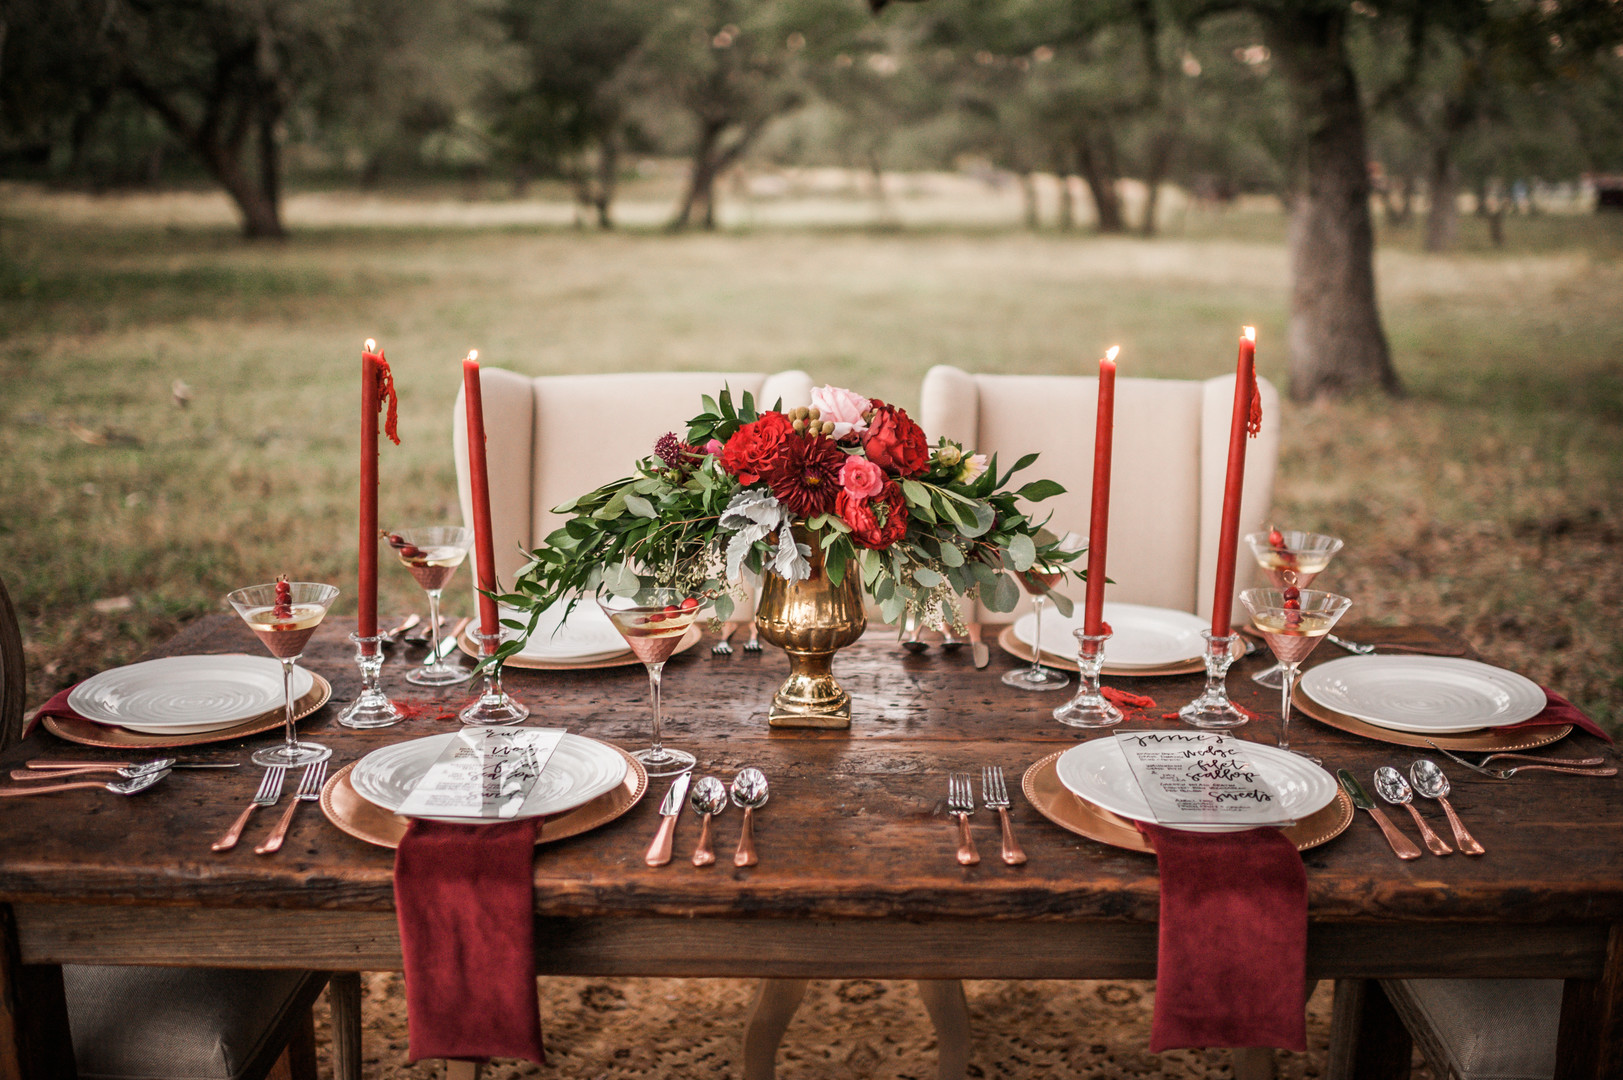 bröllop+klänning+rustikt+elopement+dukning